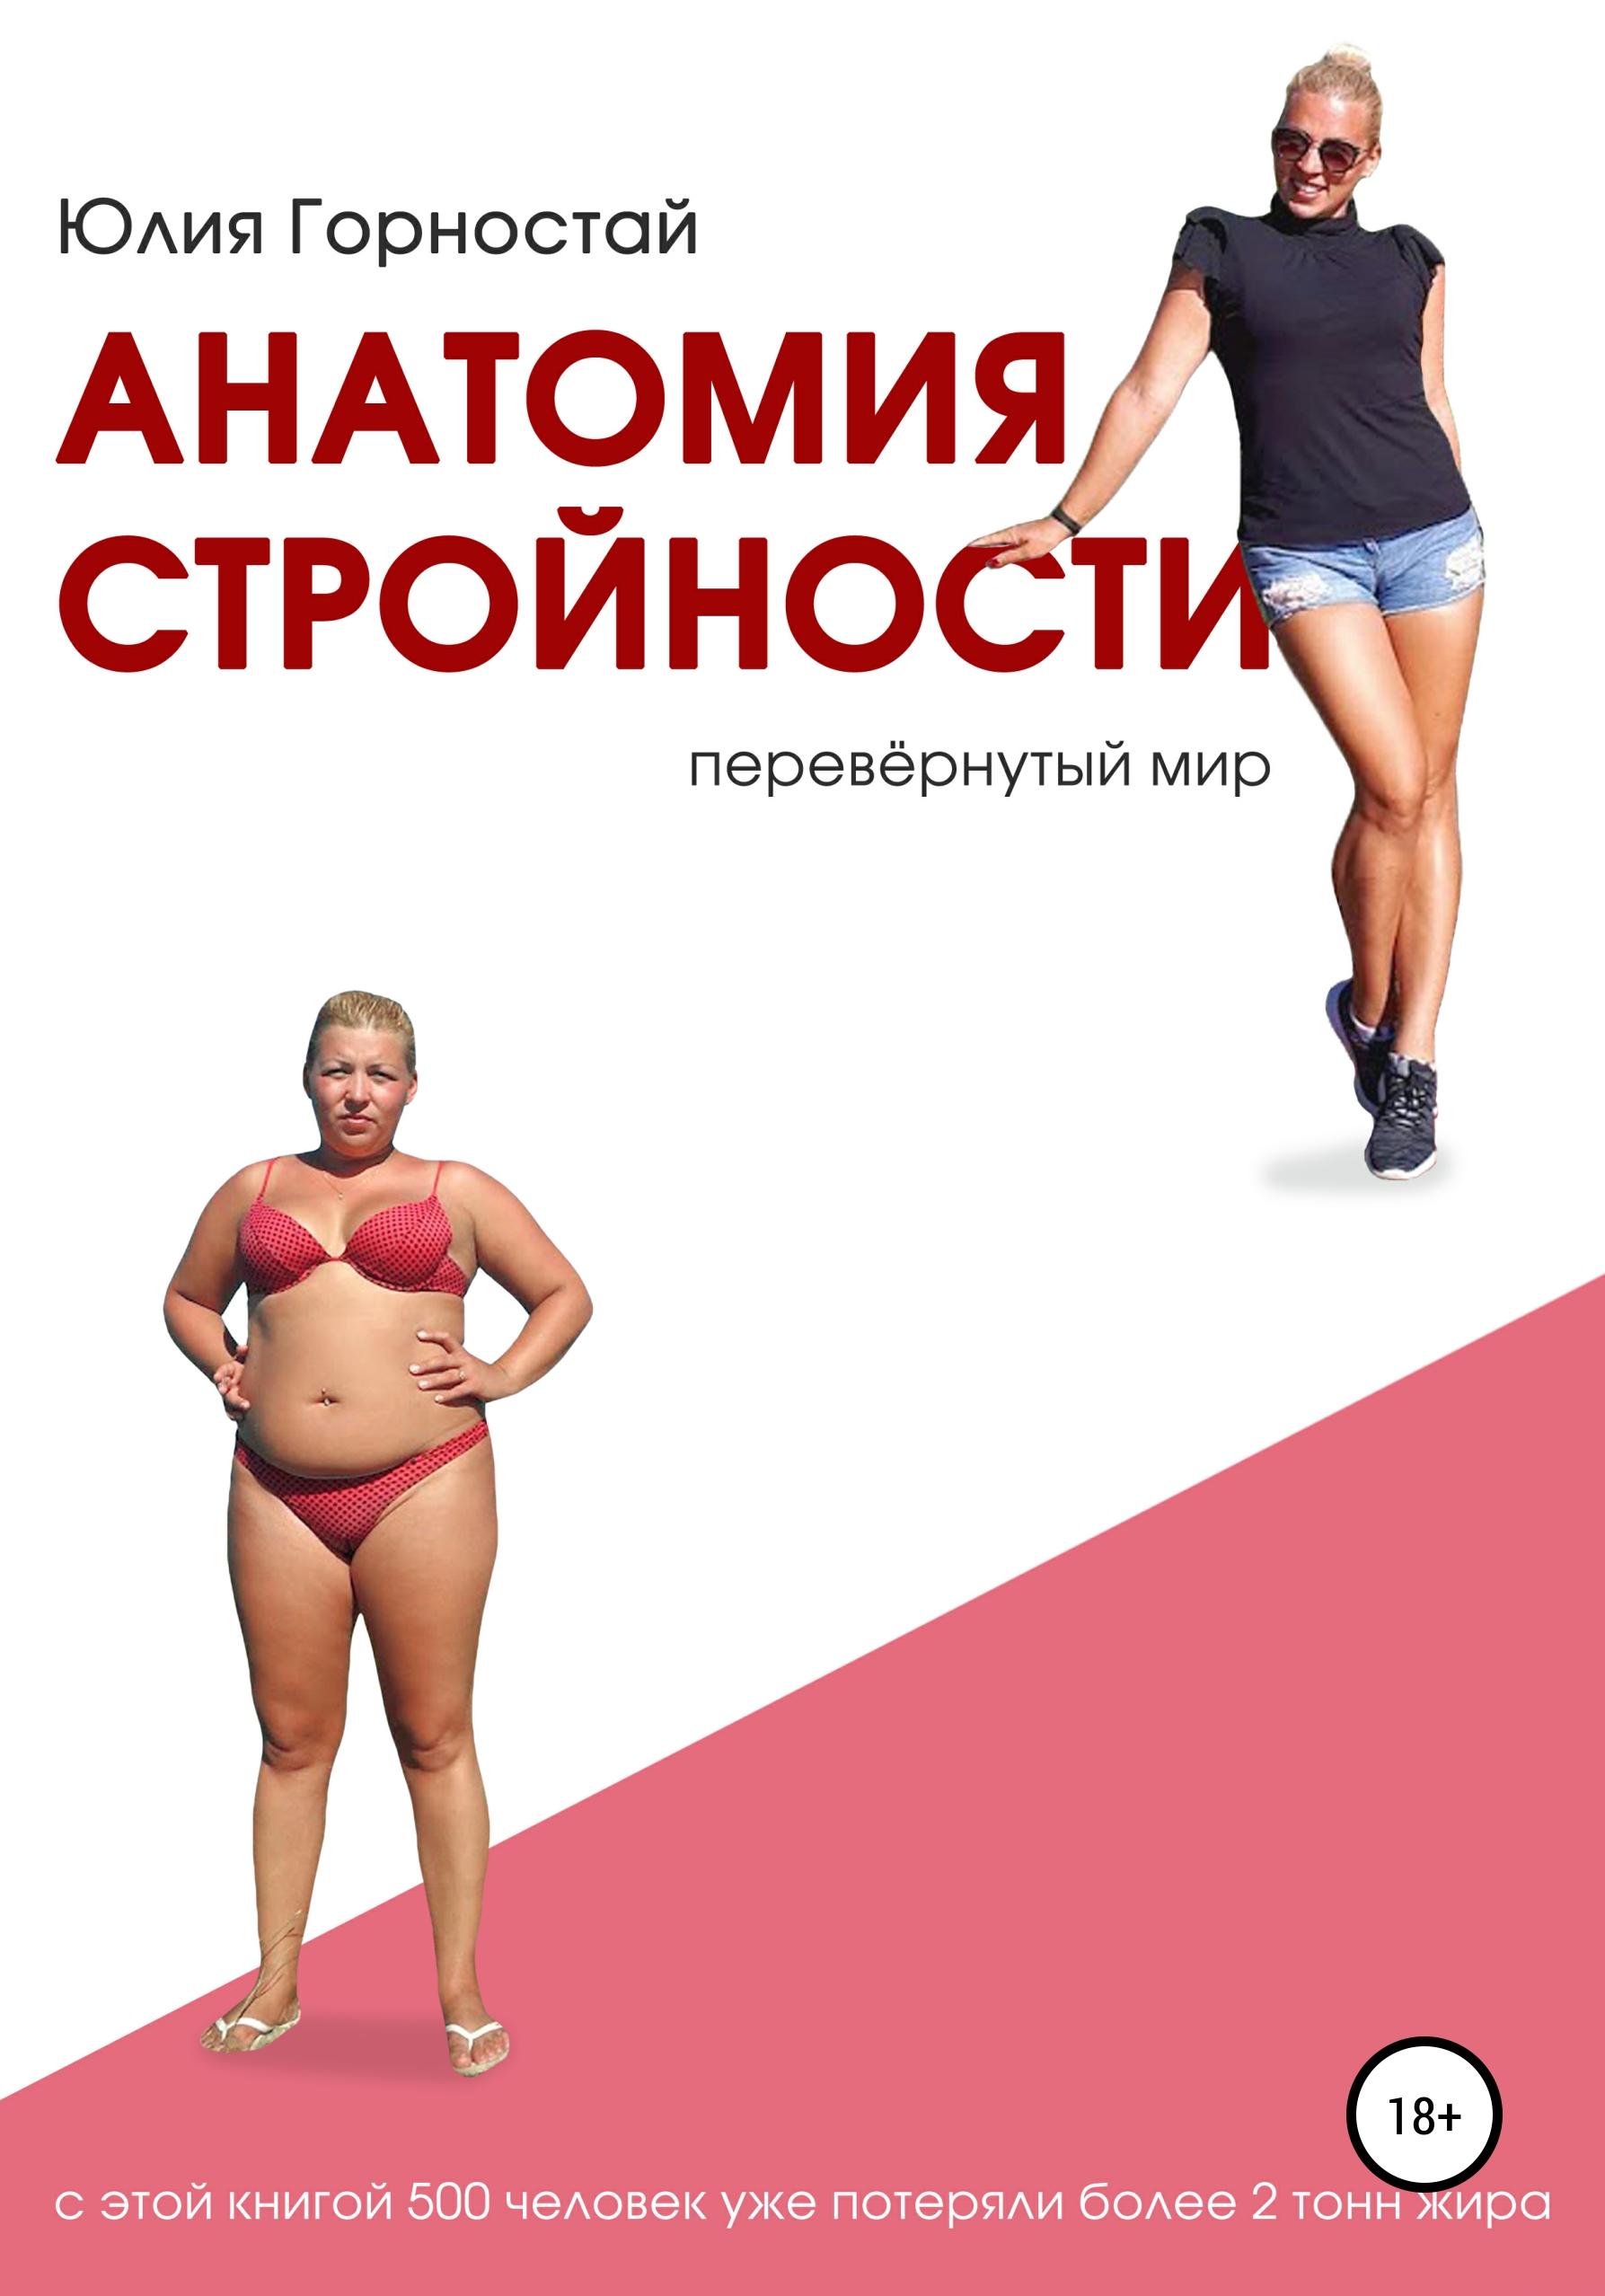 как похудеть побыстрее мужчине ошибки за слабость его не ругайте